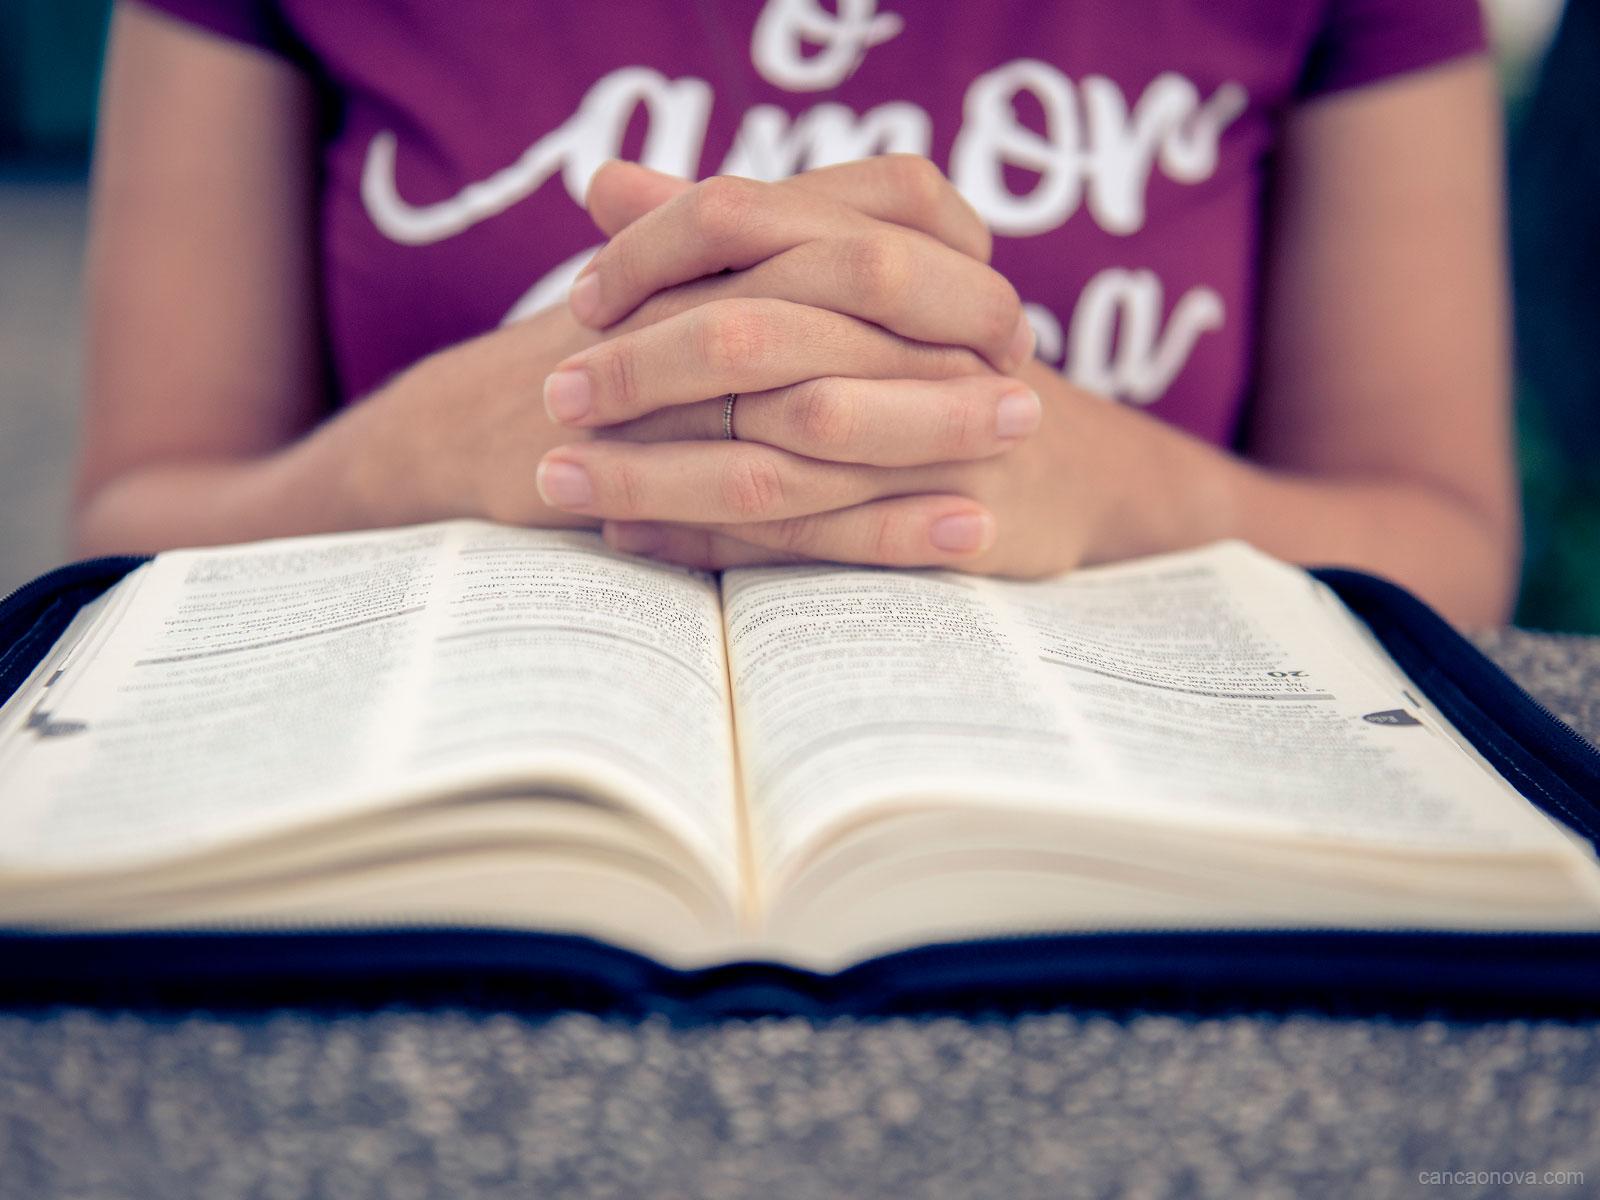 Se você quer progredir espiritualmente, reze e leia a Palavra